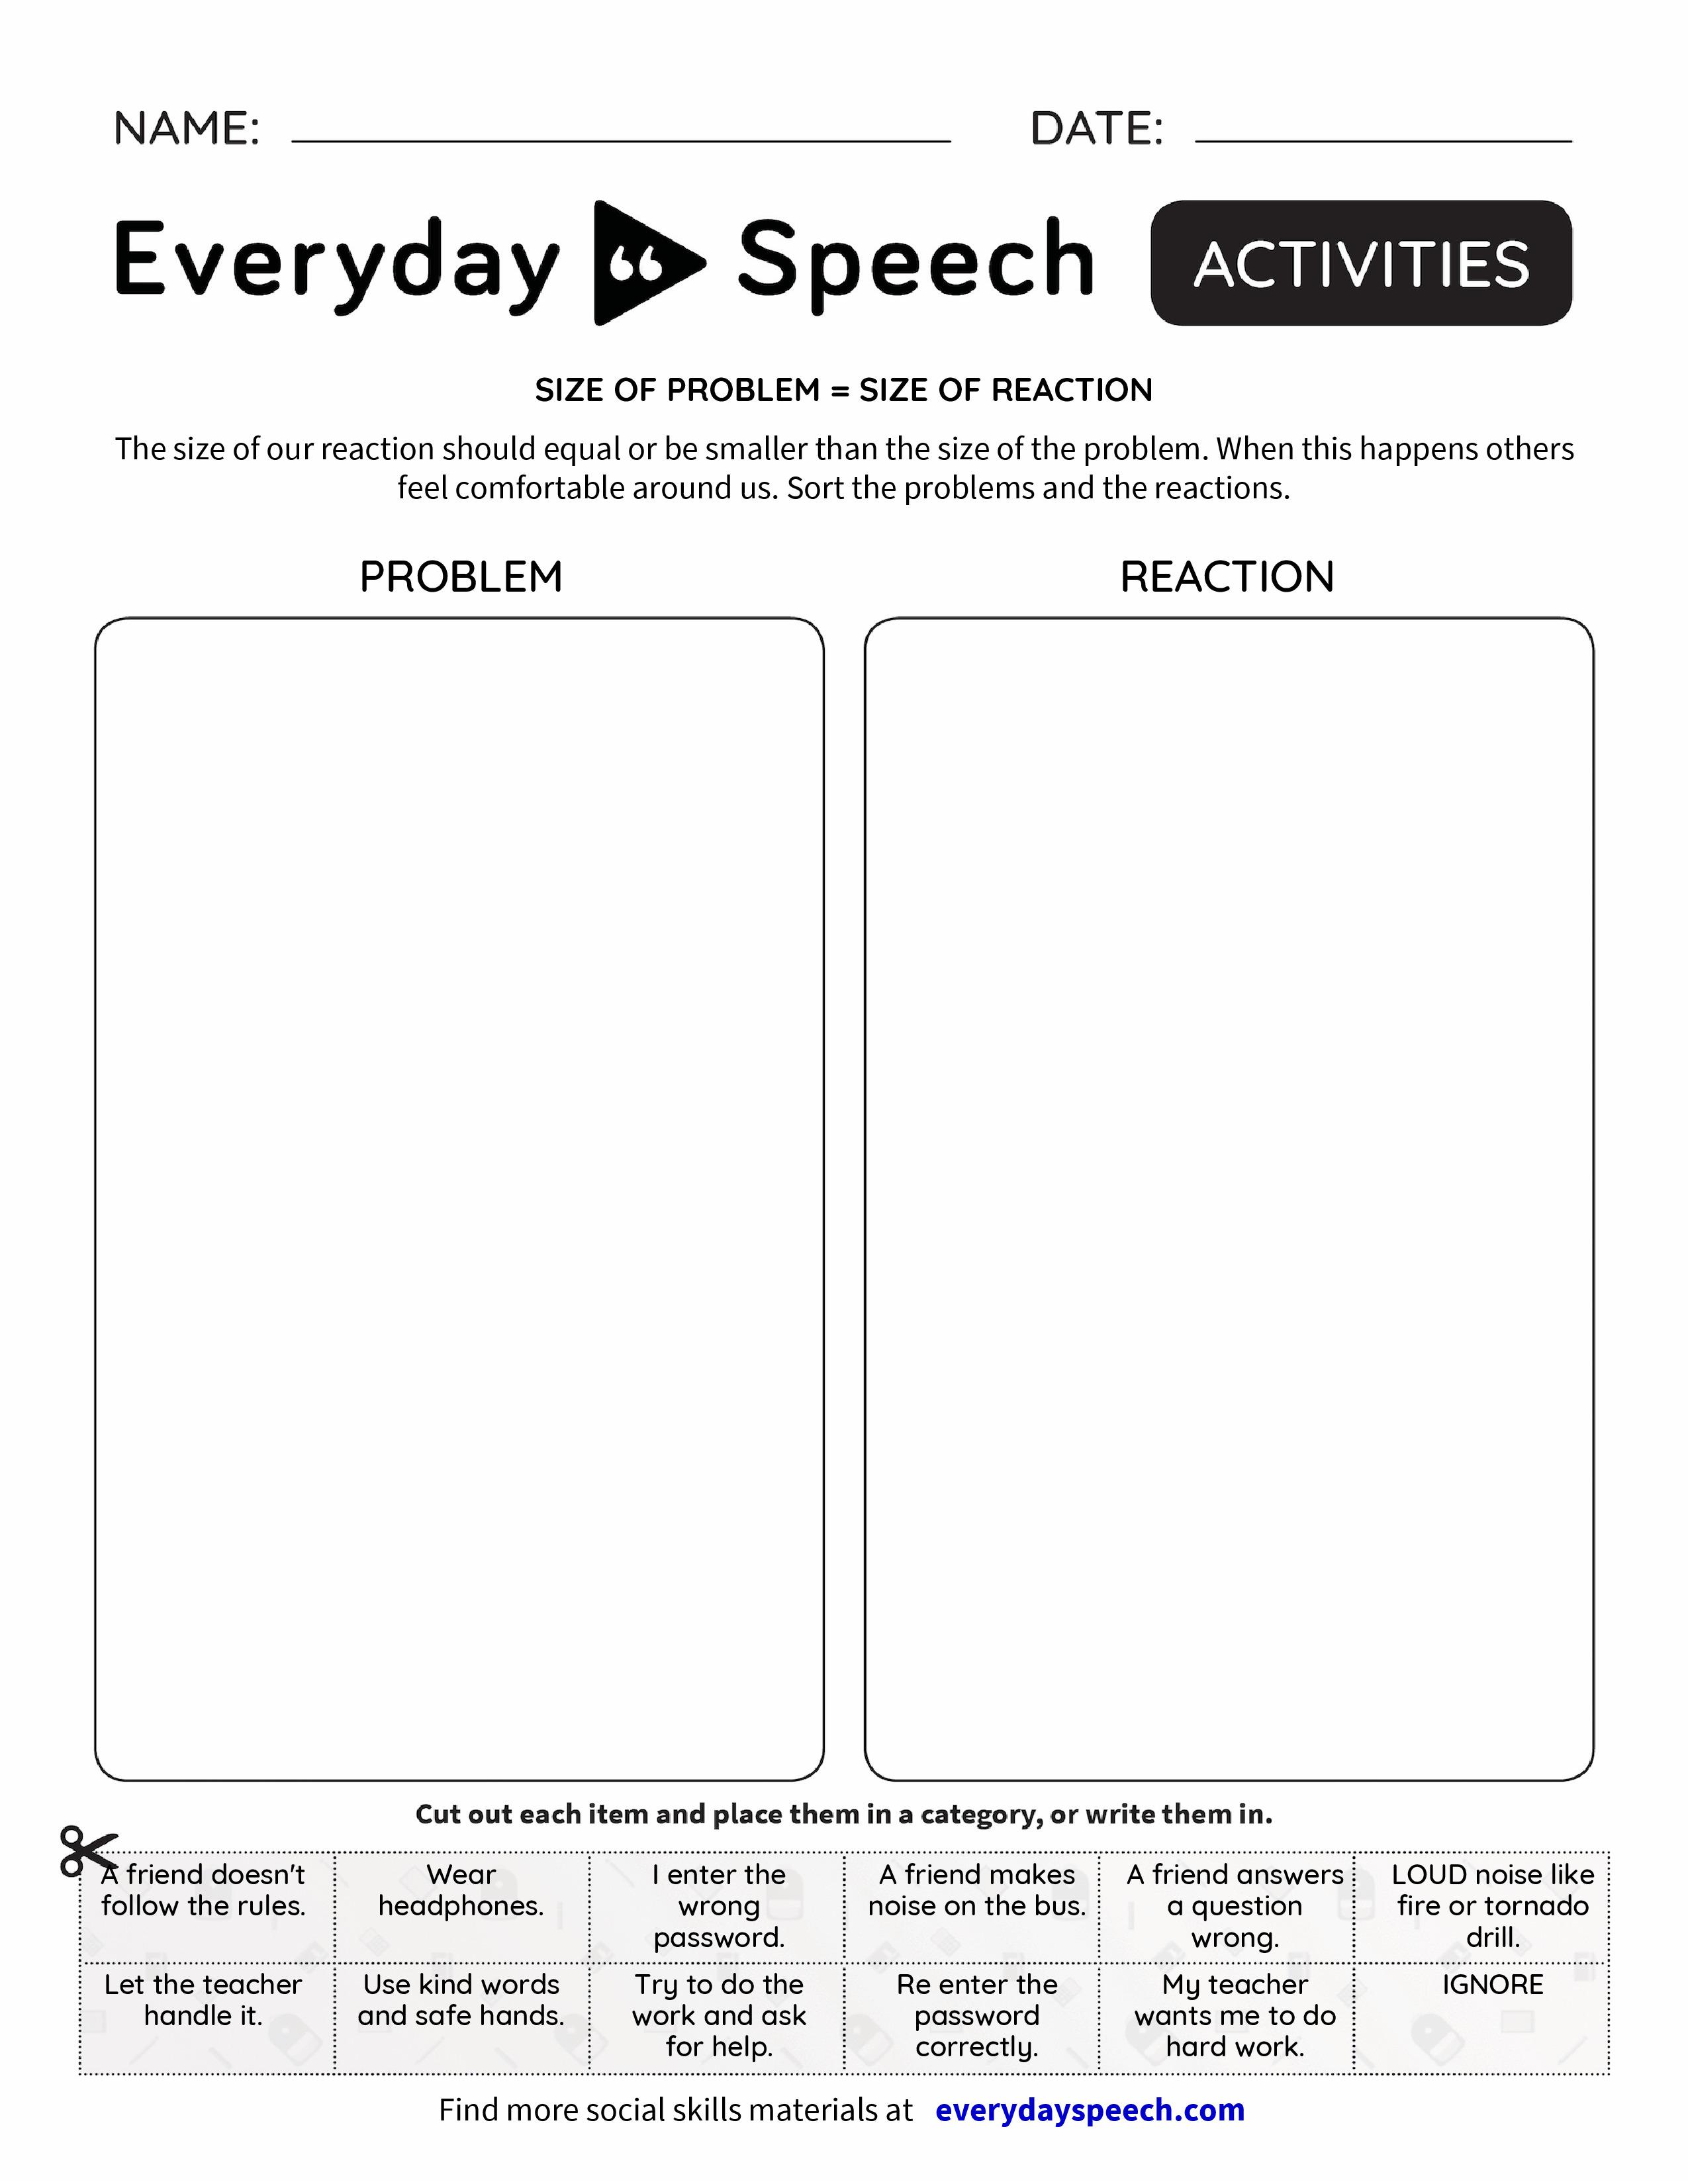 Size Of Problem Size Of Reaction Everyday Speech Everyday Speech